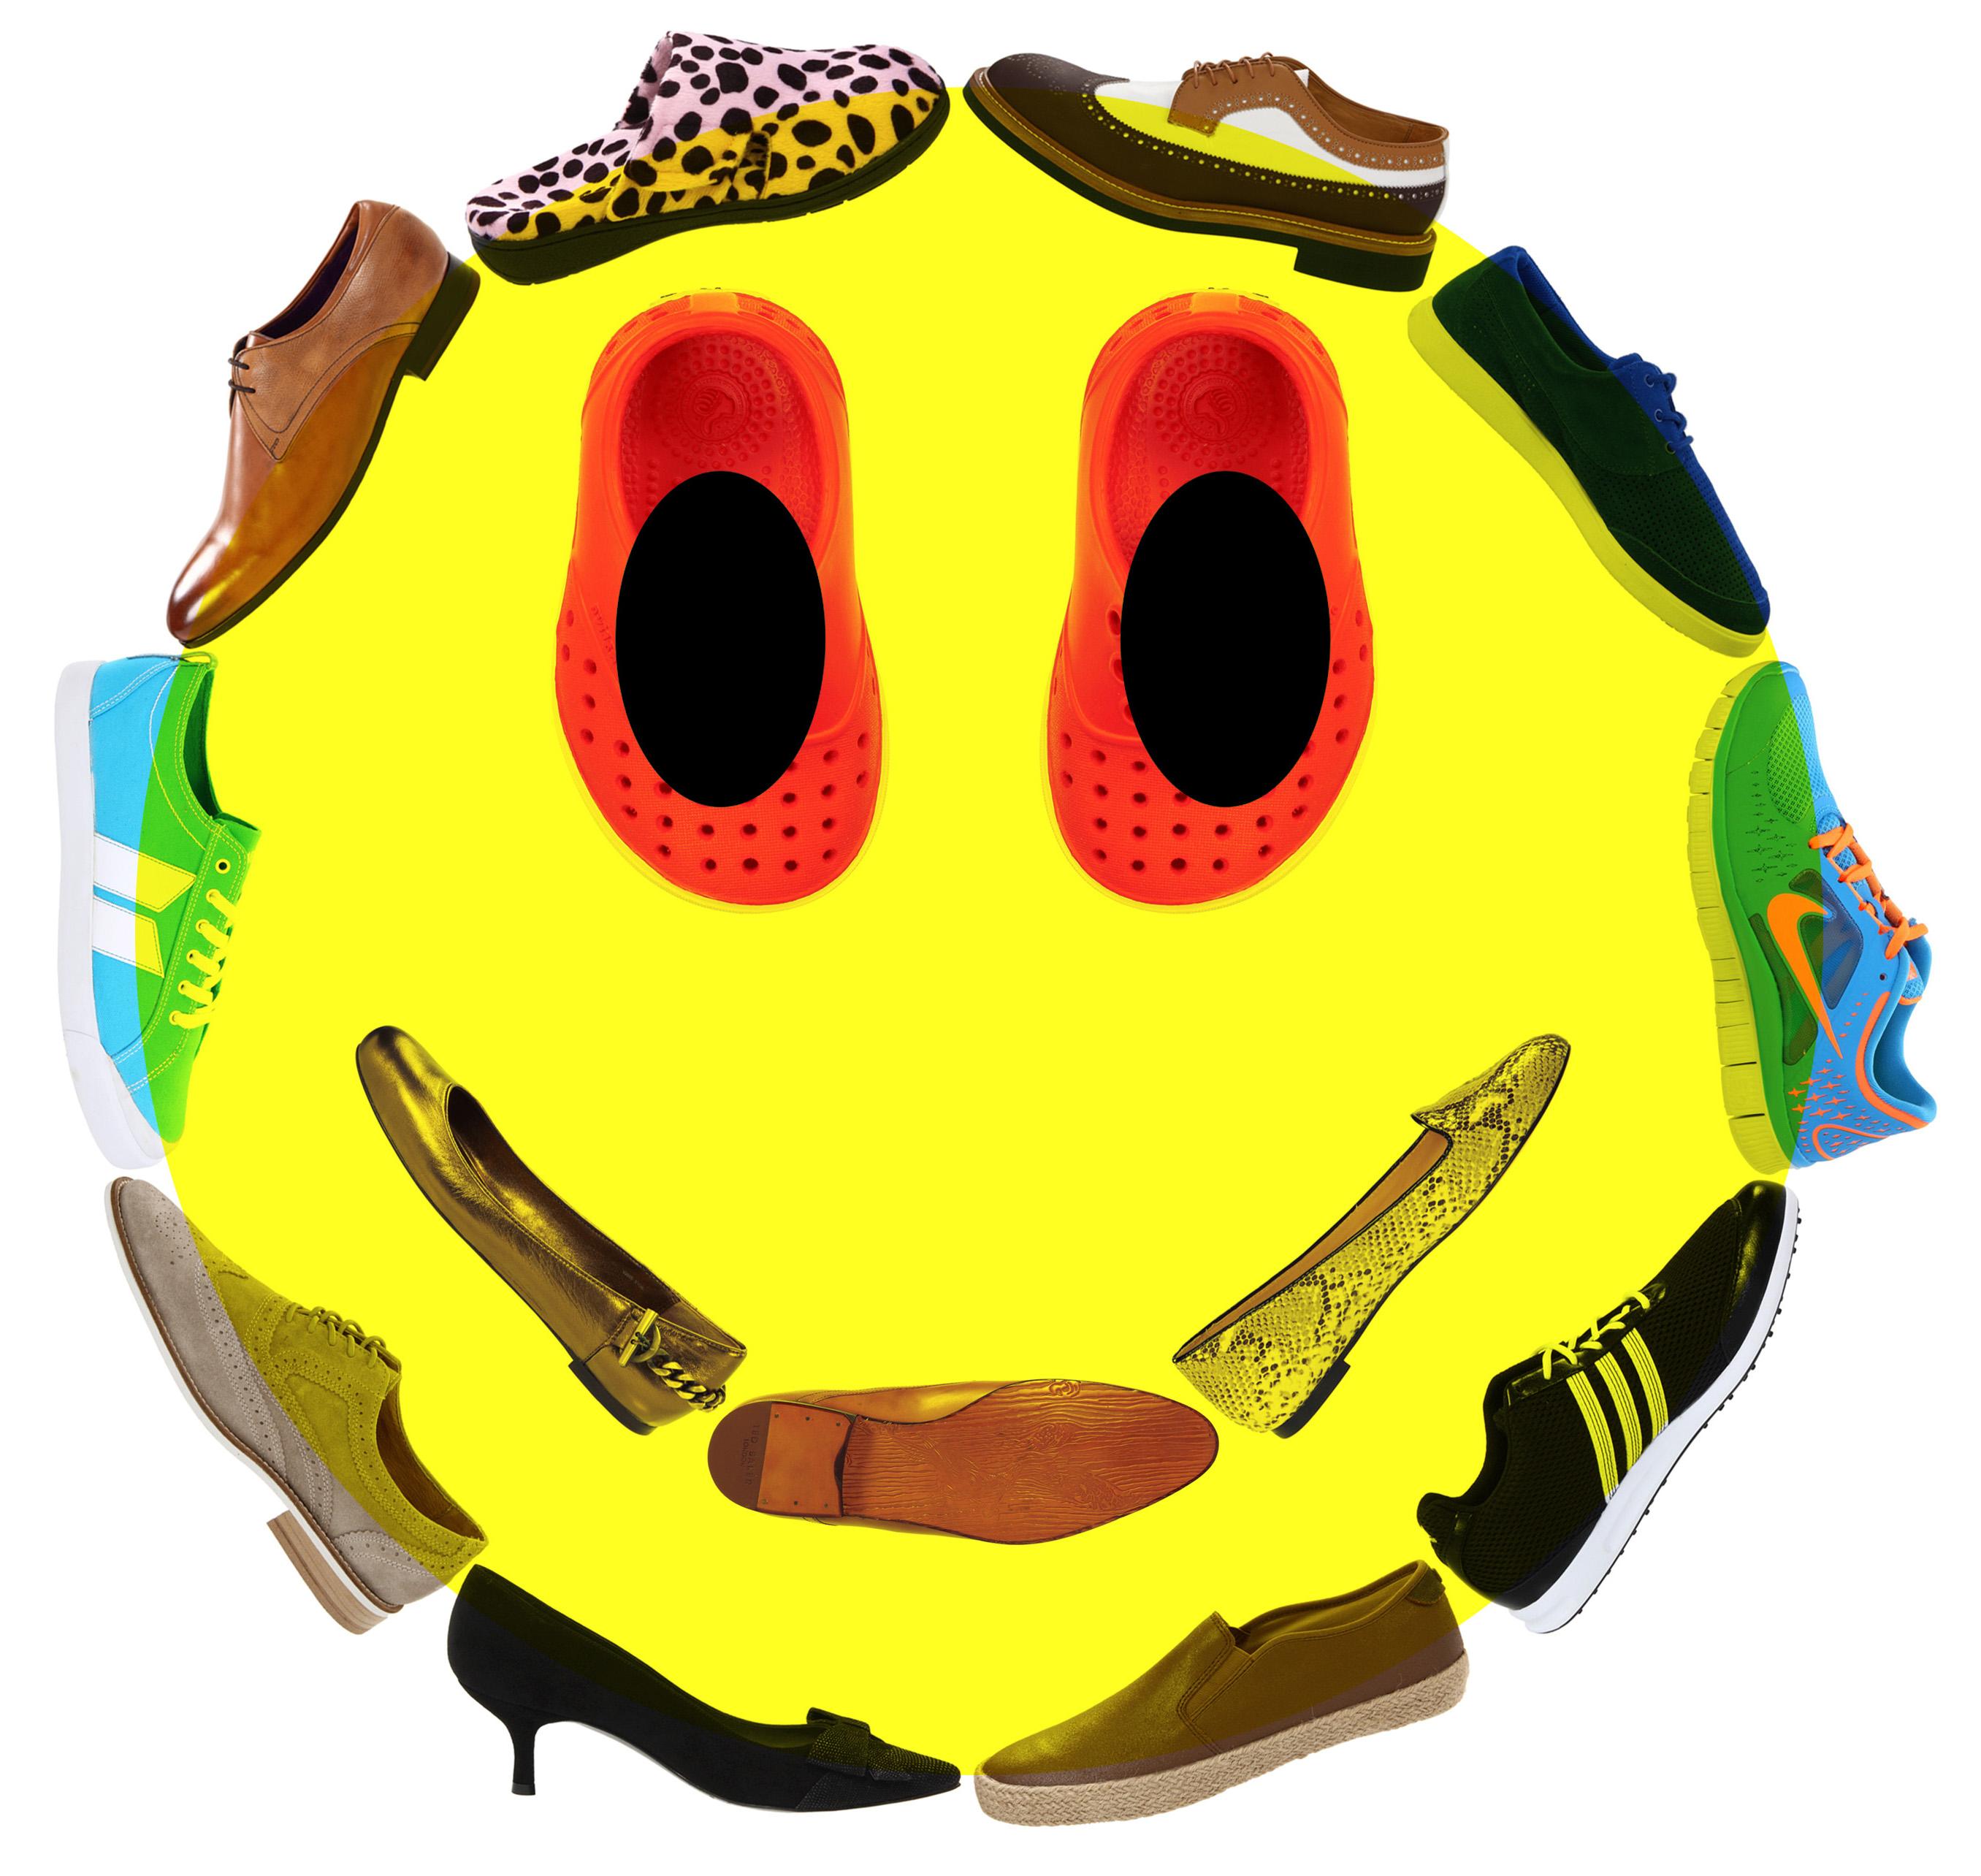 zappos-happy-face